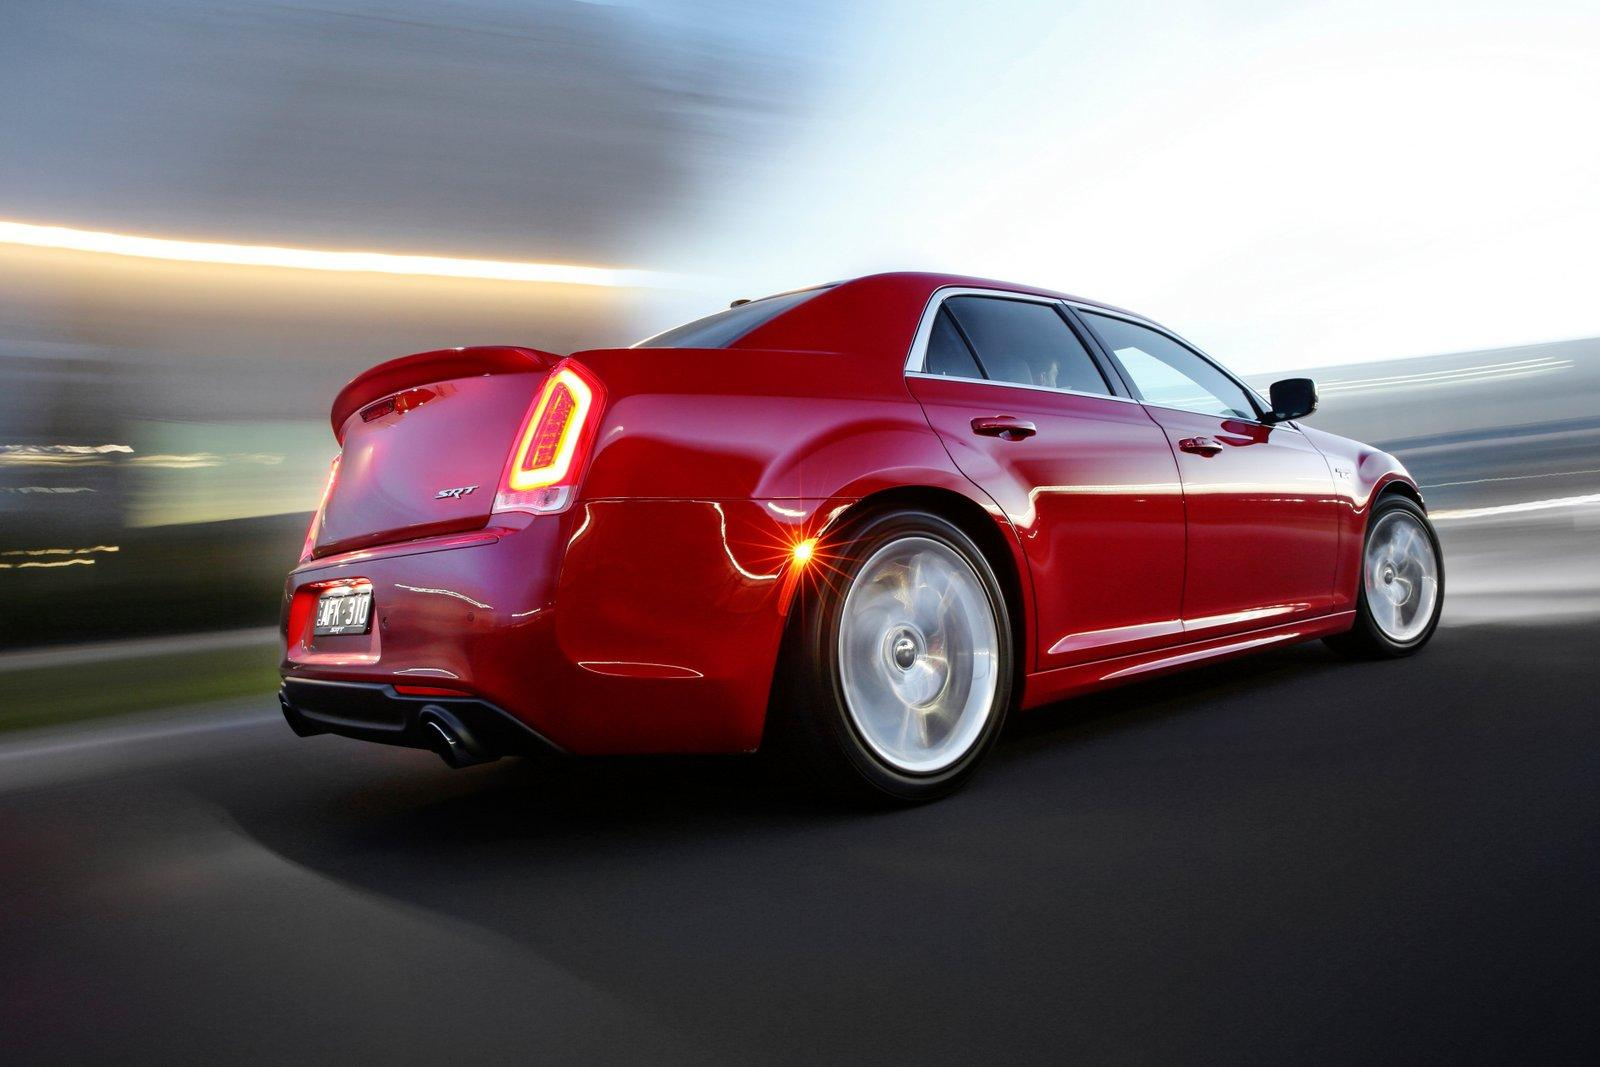 2016 Chrysler 300 Srt Earns 6 4l Hemi V8 Not Available In